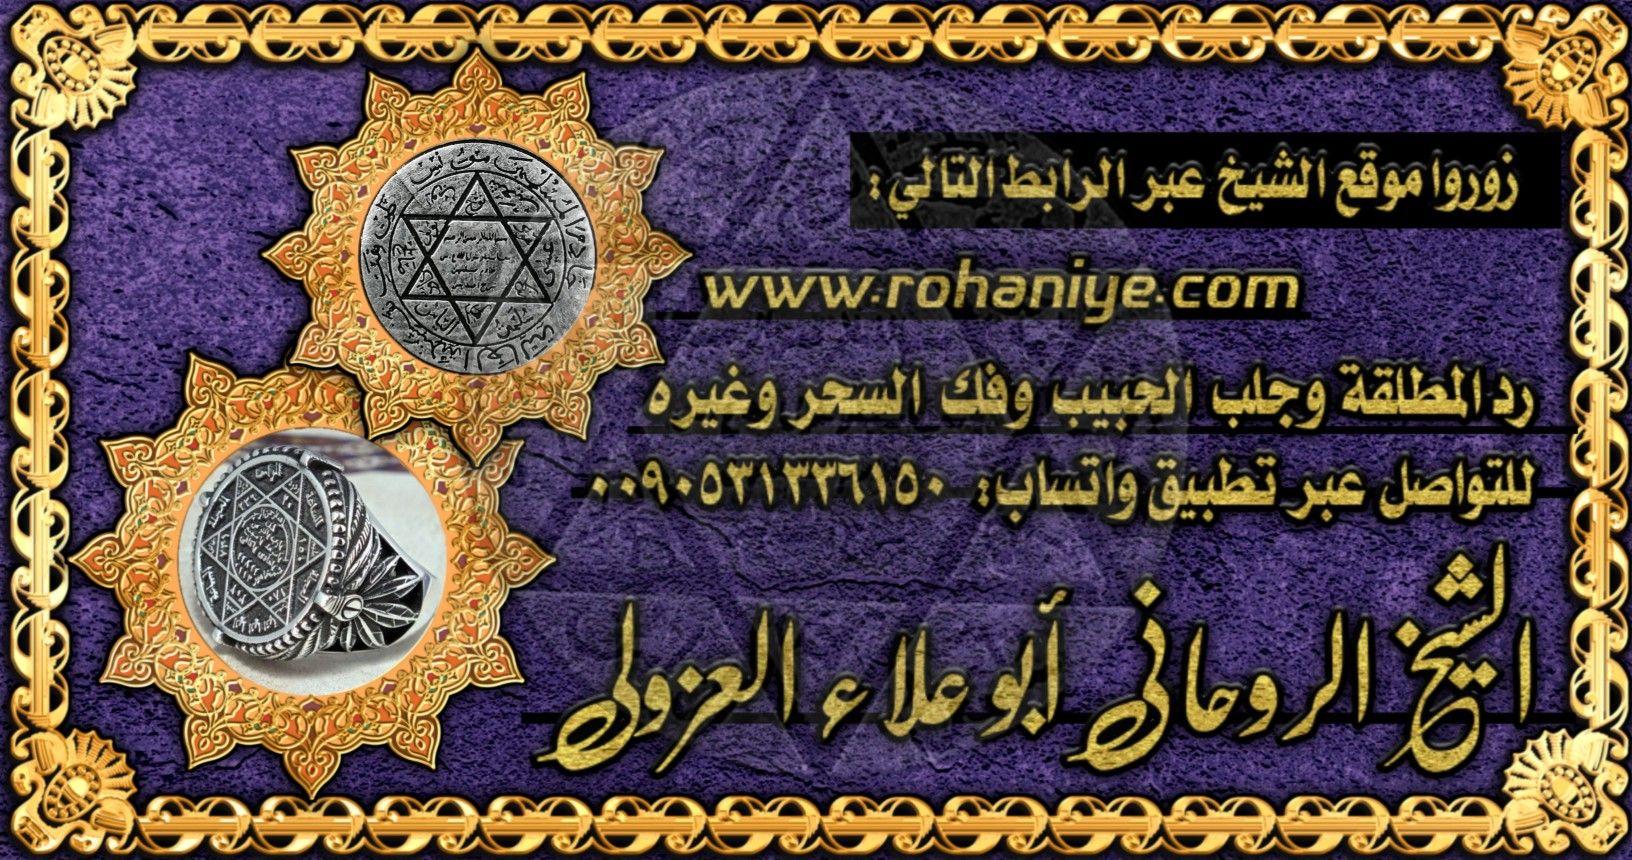 خواتم روحانية مطلسمة للتحصين والسيطرة والهيبة الشيخ الروحاني نادر أبو علاء العزولي 00905313351016 Movie Posters Poster Movies